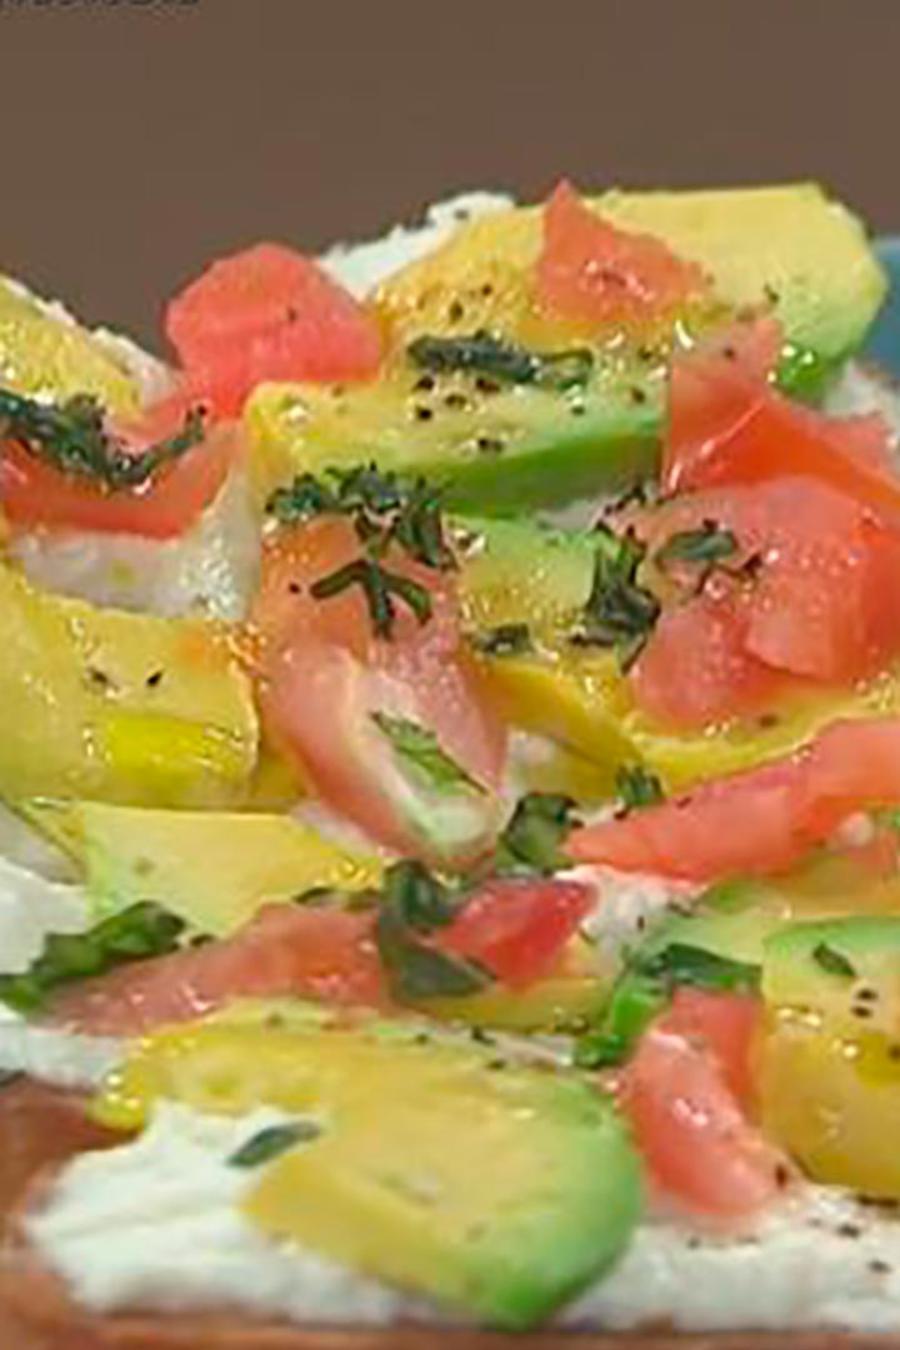 Recetas de cocina: Cómo hacer un delicioso Queso Ricotta Casero